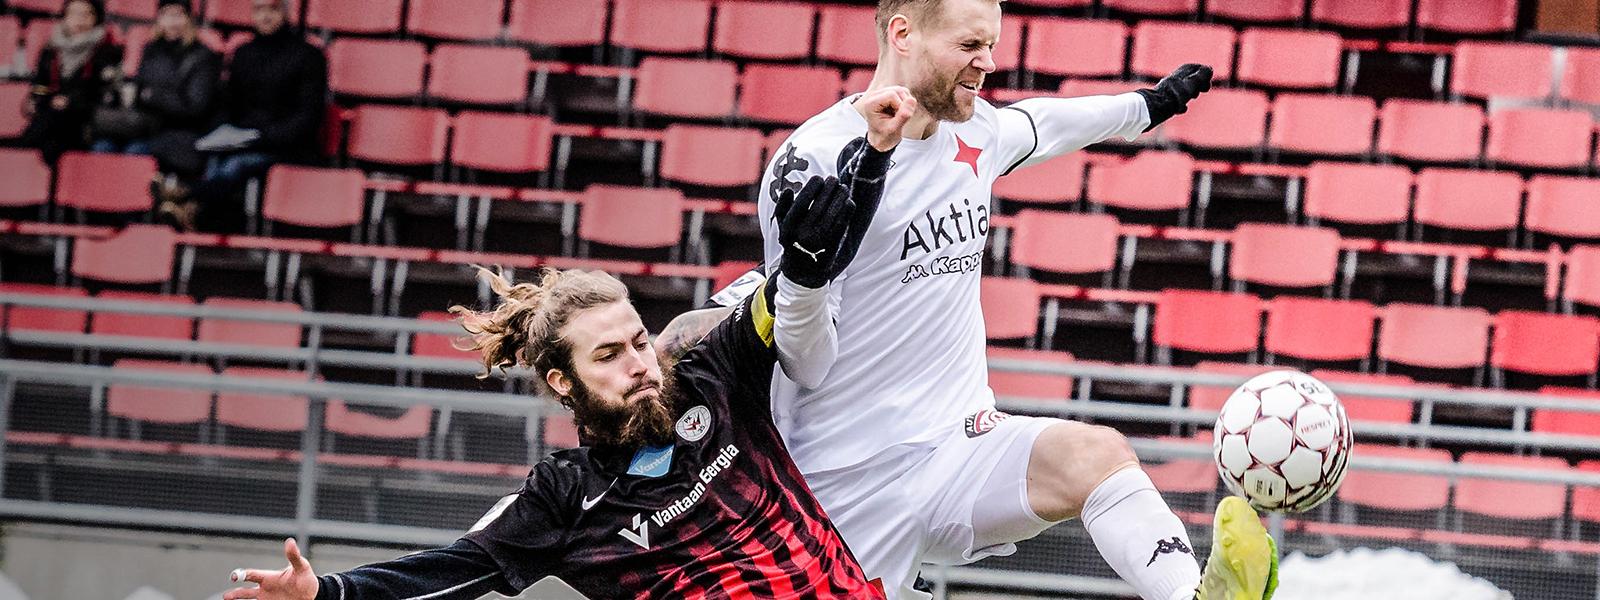 Svea Ekonomin otteluennakko: HIFK – PK-35 Vantaa – ennakkoliput Ticketmasterista alk. 15e / 7e